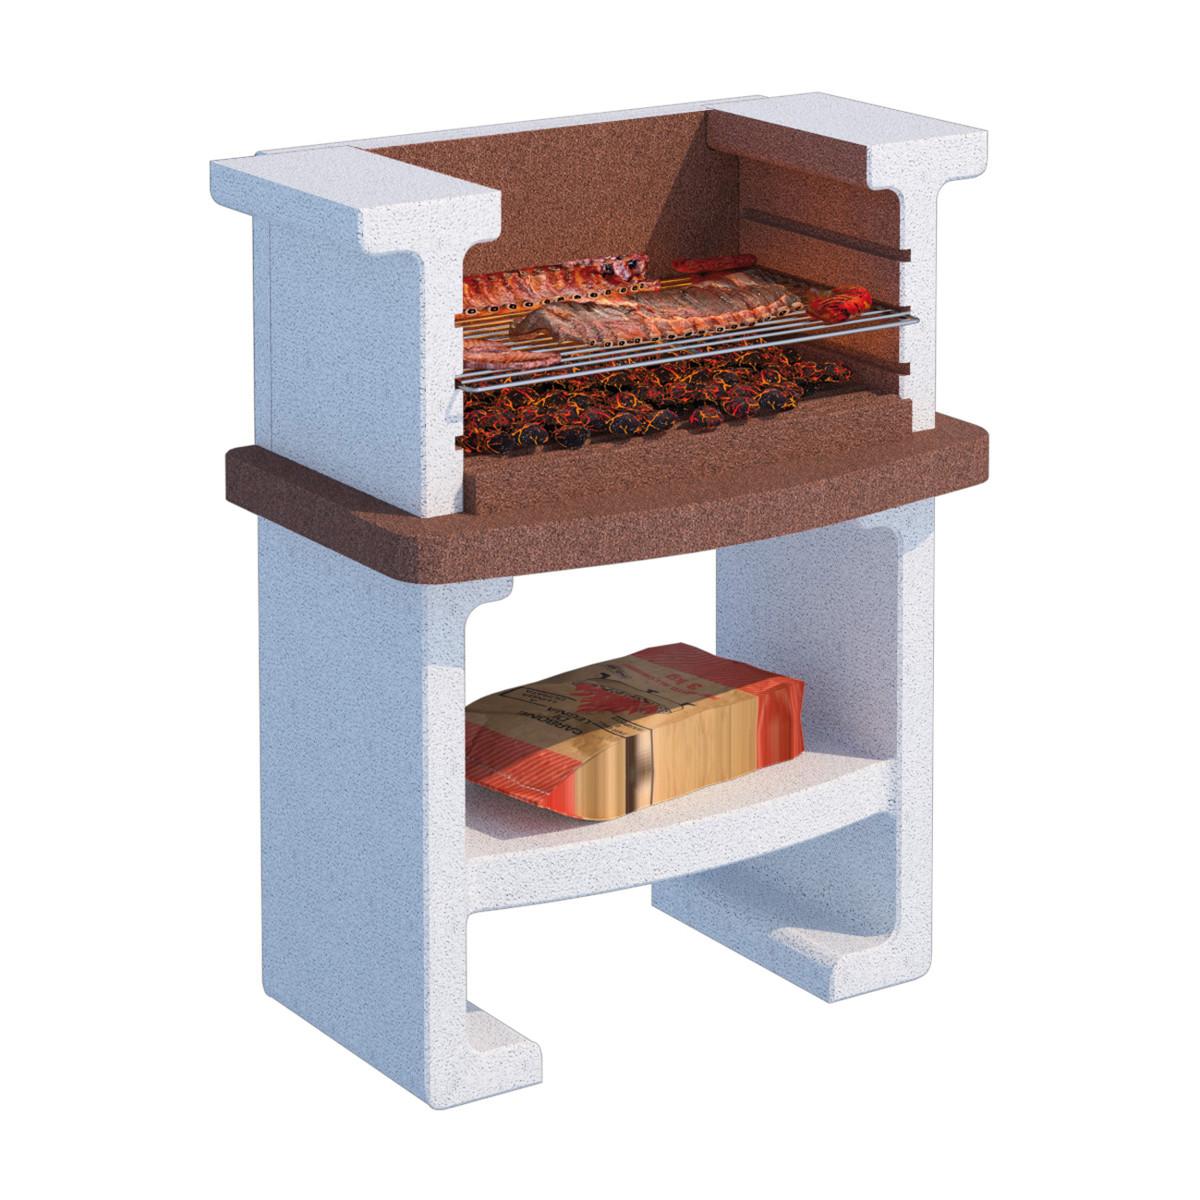 Sprei bonita motif 3d for Offerte barbecue in muratura